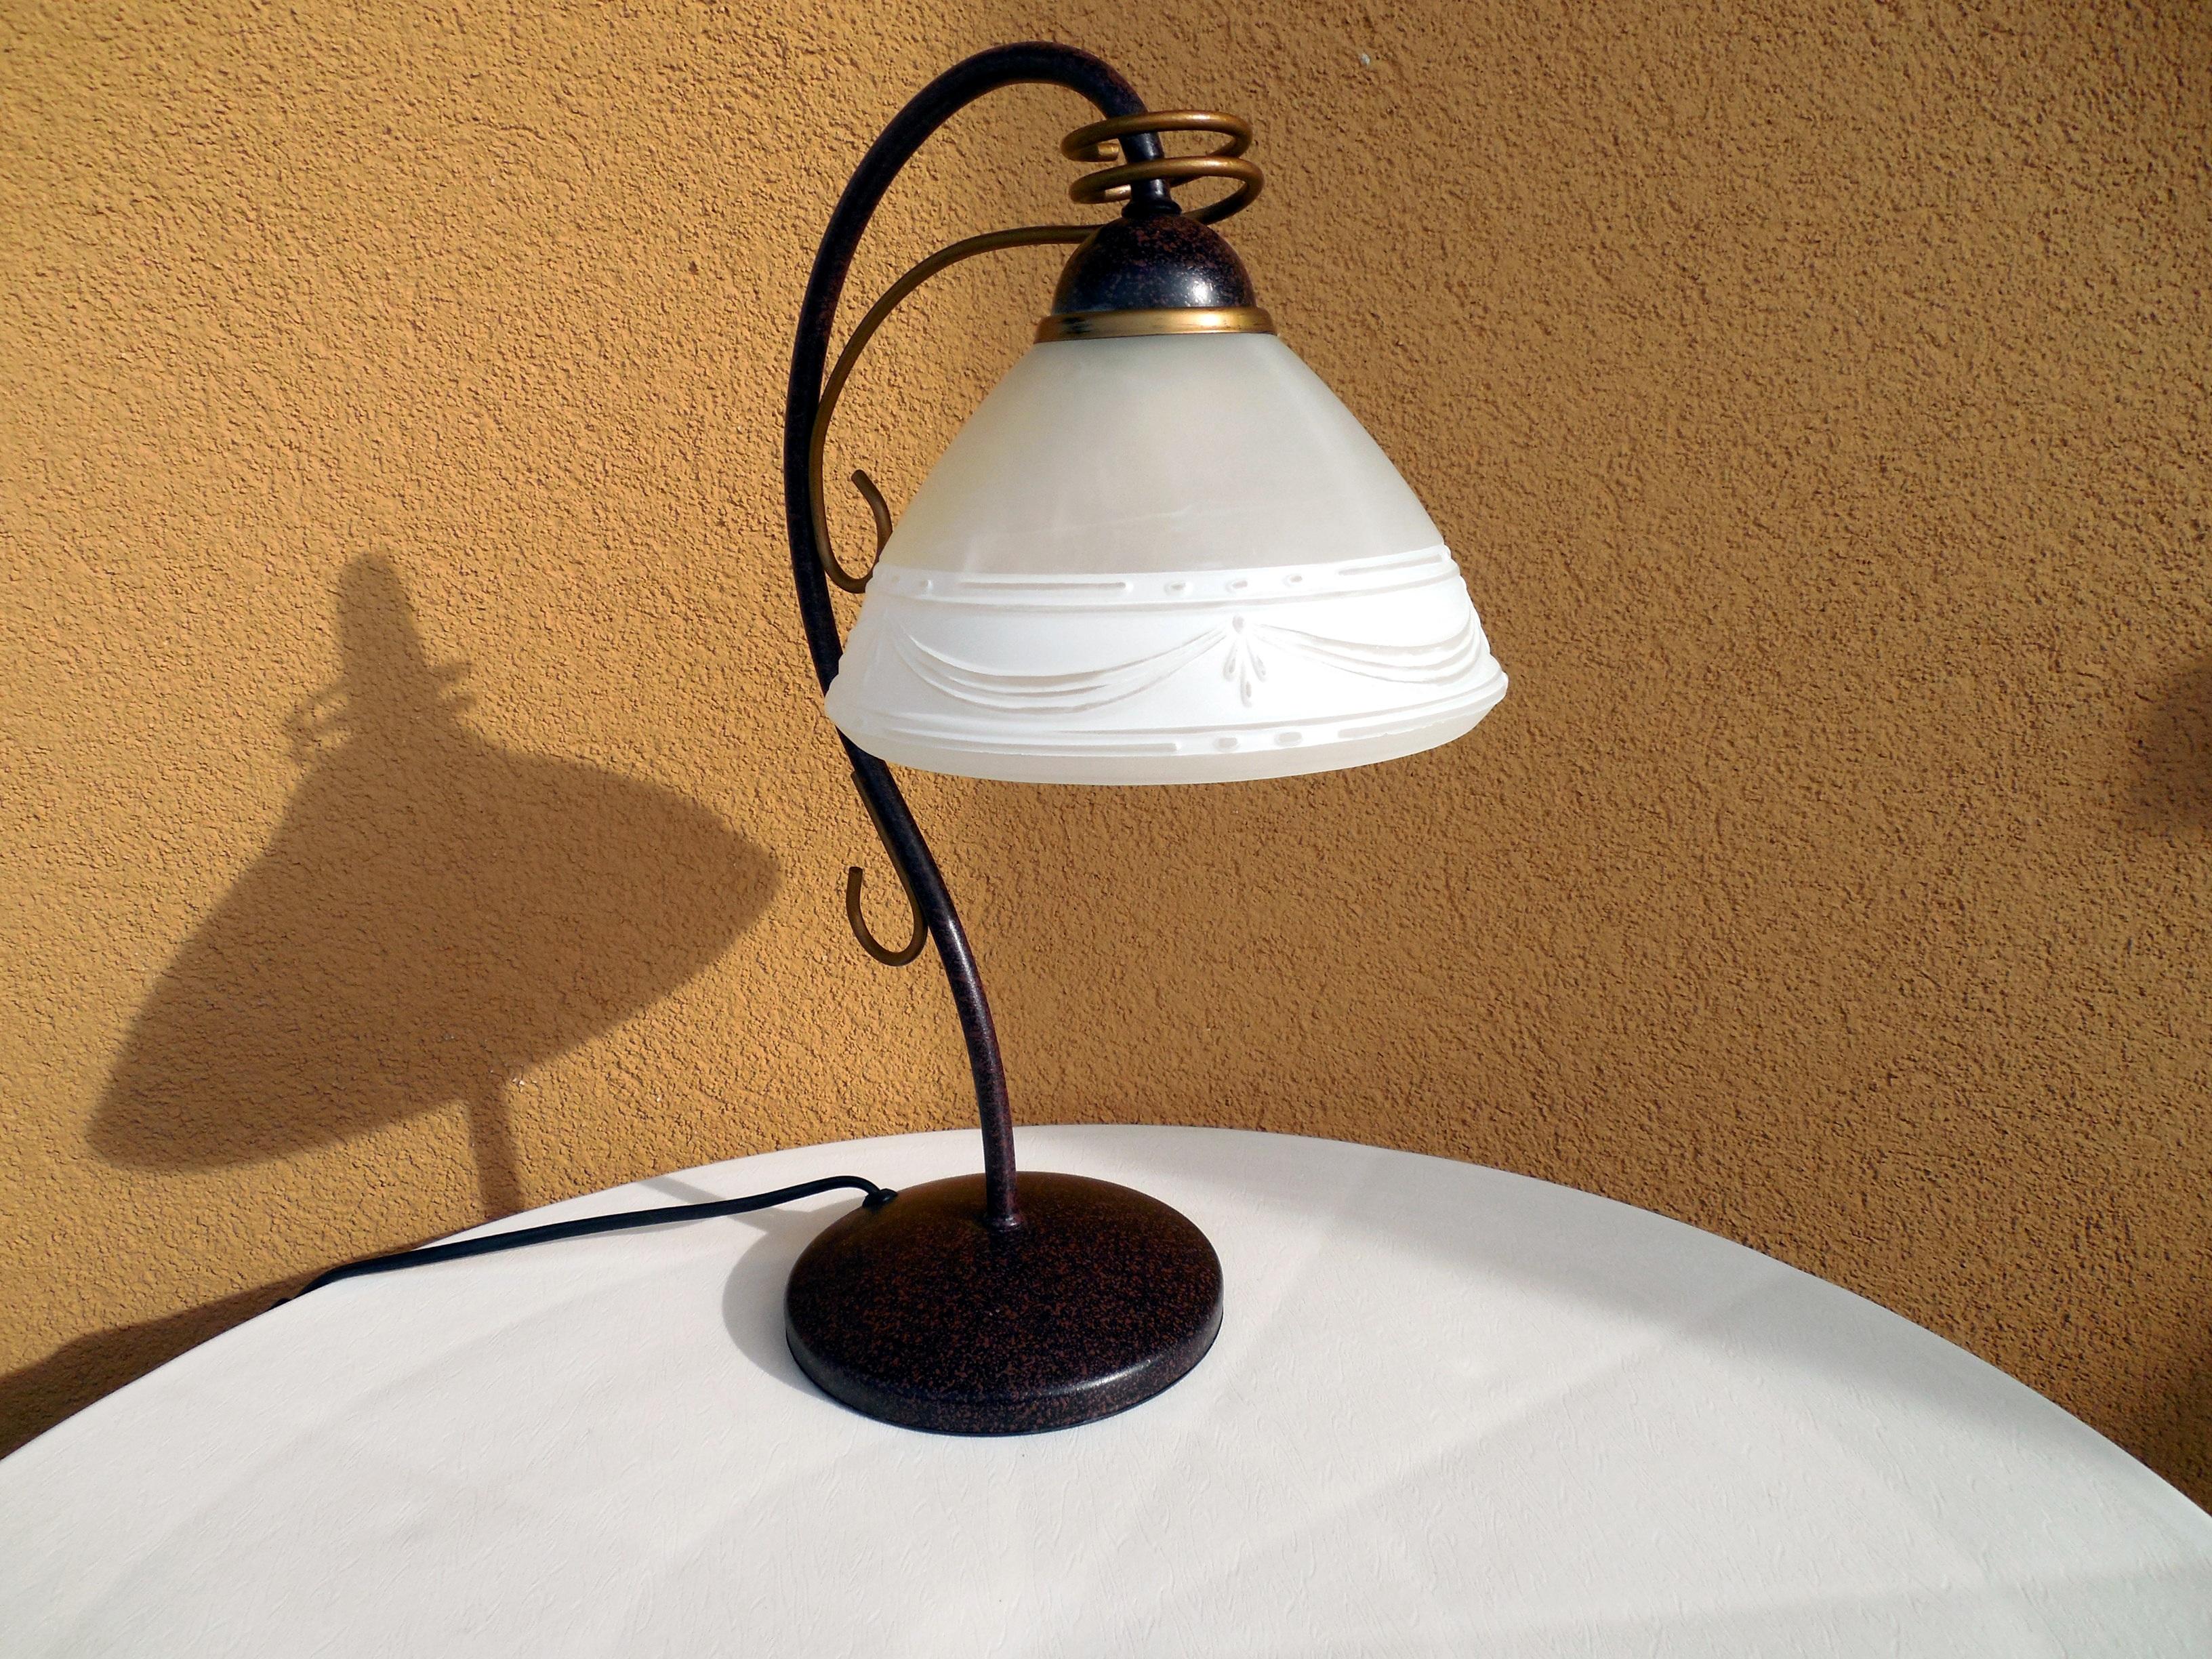 Siste Bildet : lett, hvit, glass, tak, keramisk, lampe, lampeskjerm QN-27